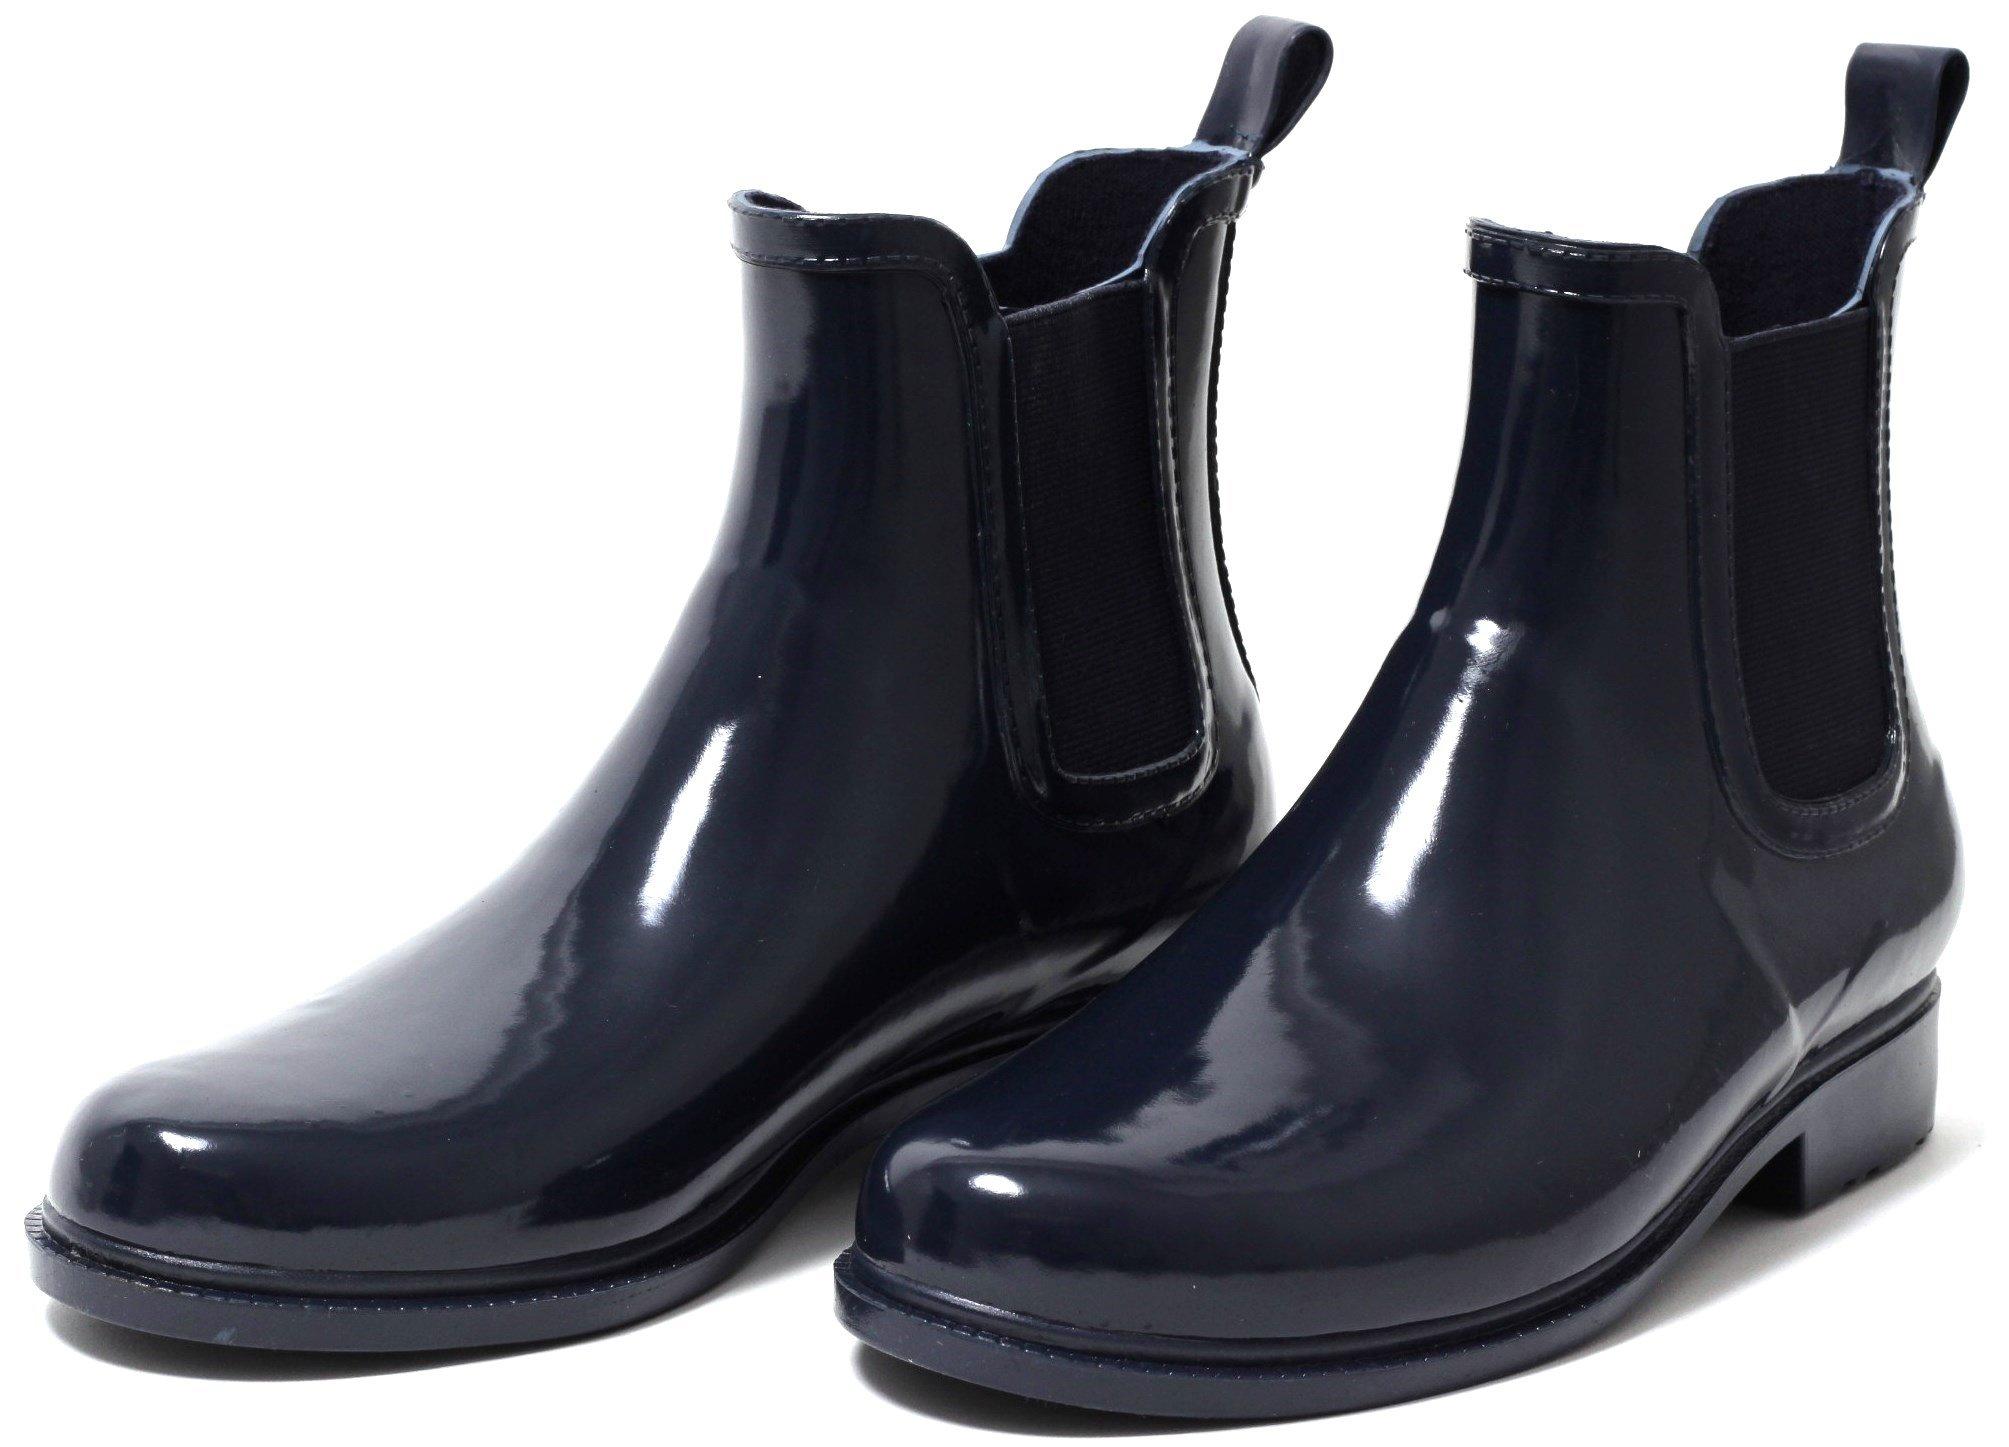 pretty nice d94f1 5fd00 Damen Chelsea Gummistiefel Regen Stiefel Stiefelette Boots Schlupfstiefel  navy